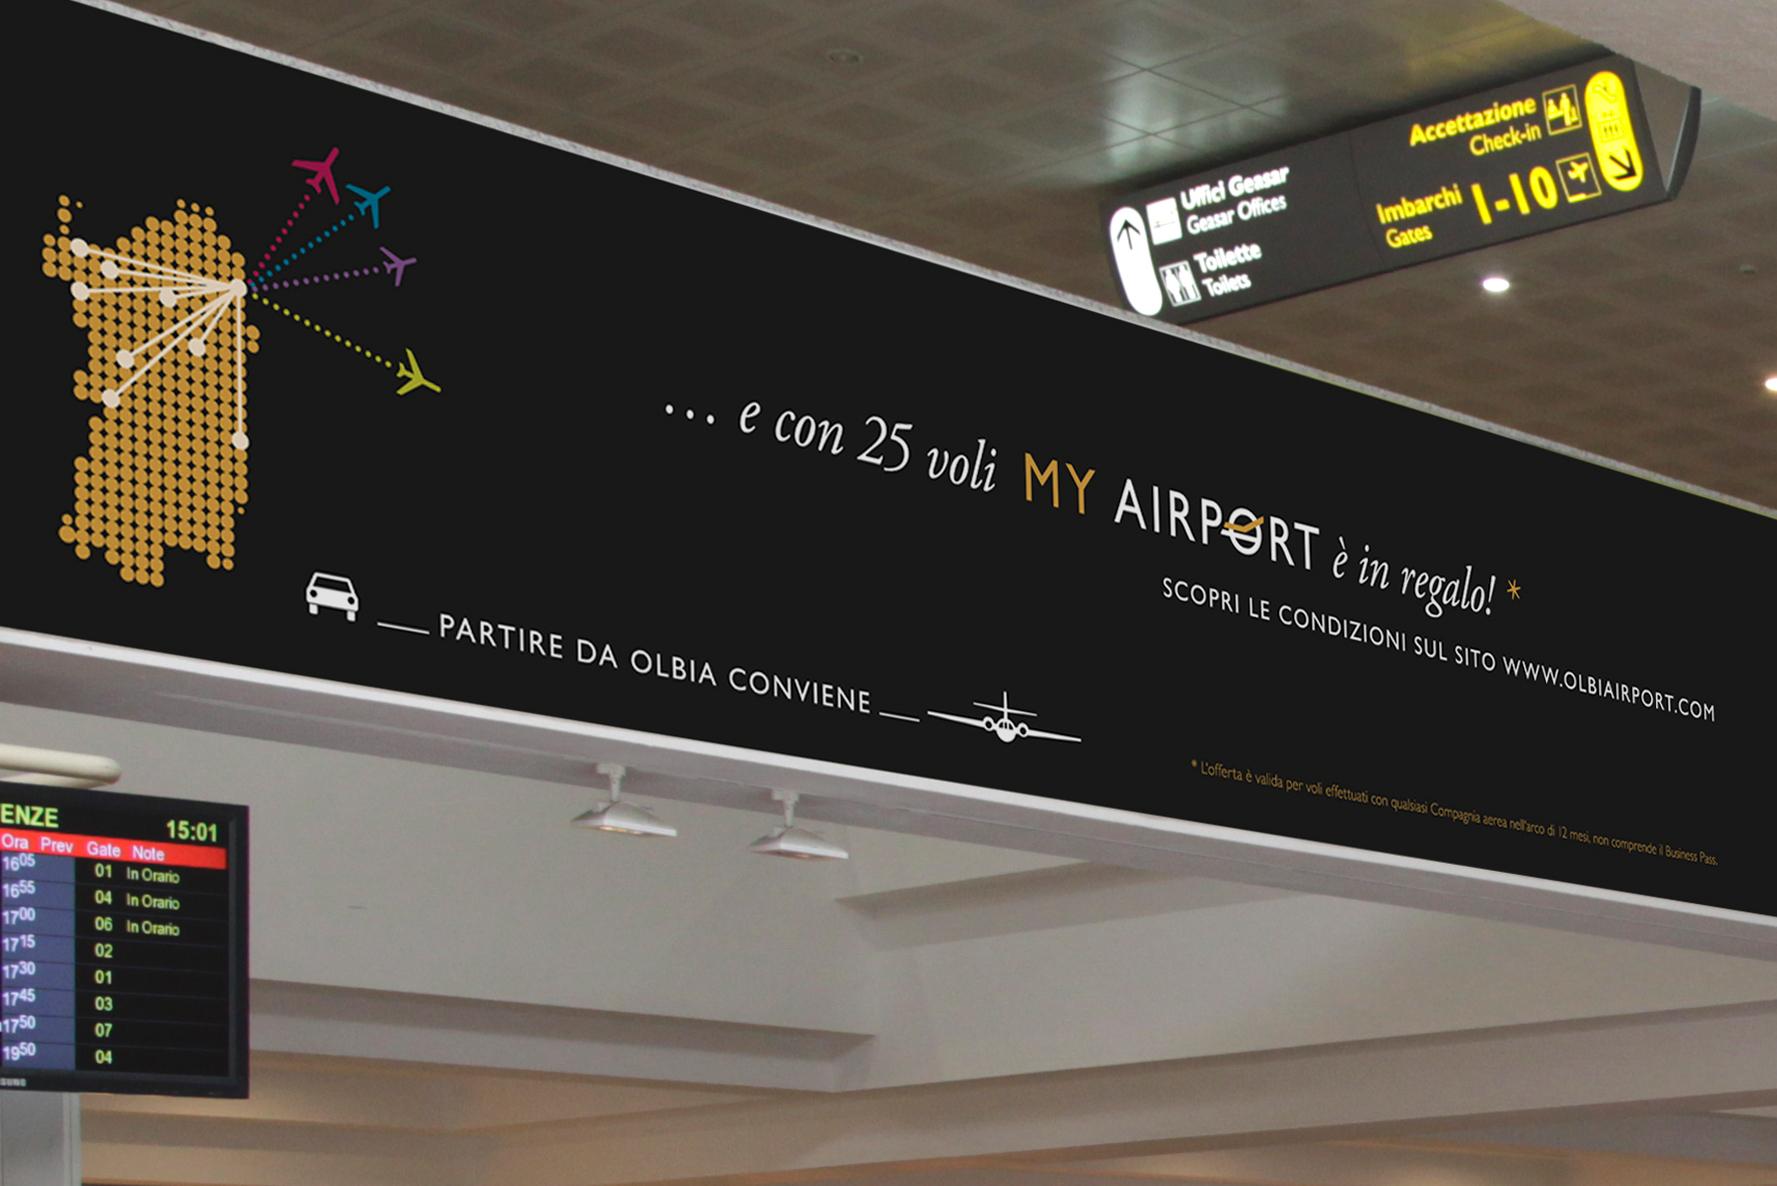 GEASAR – MY AIRPORT